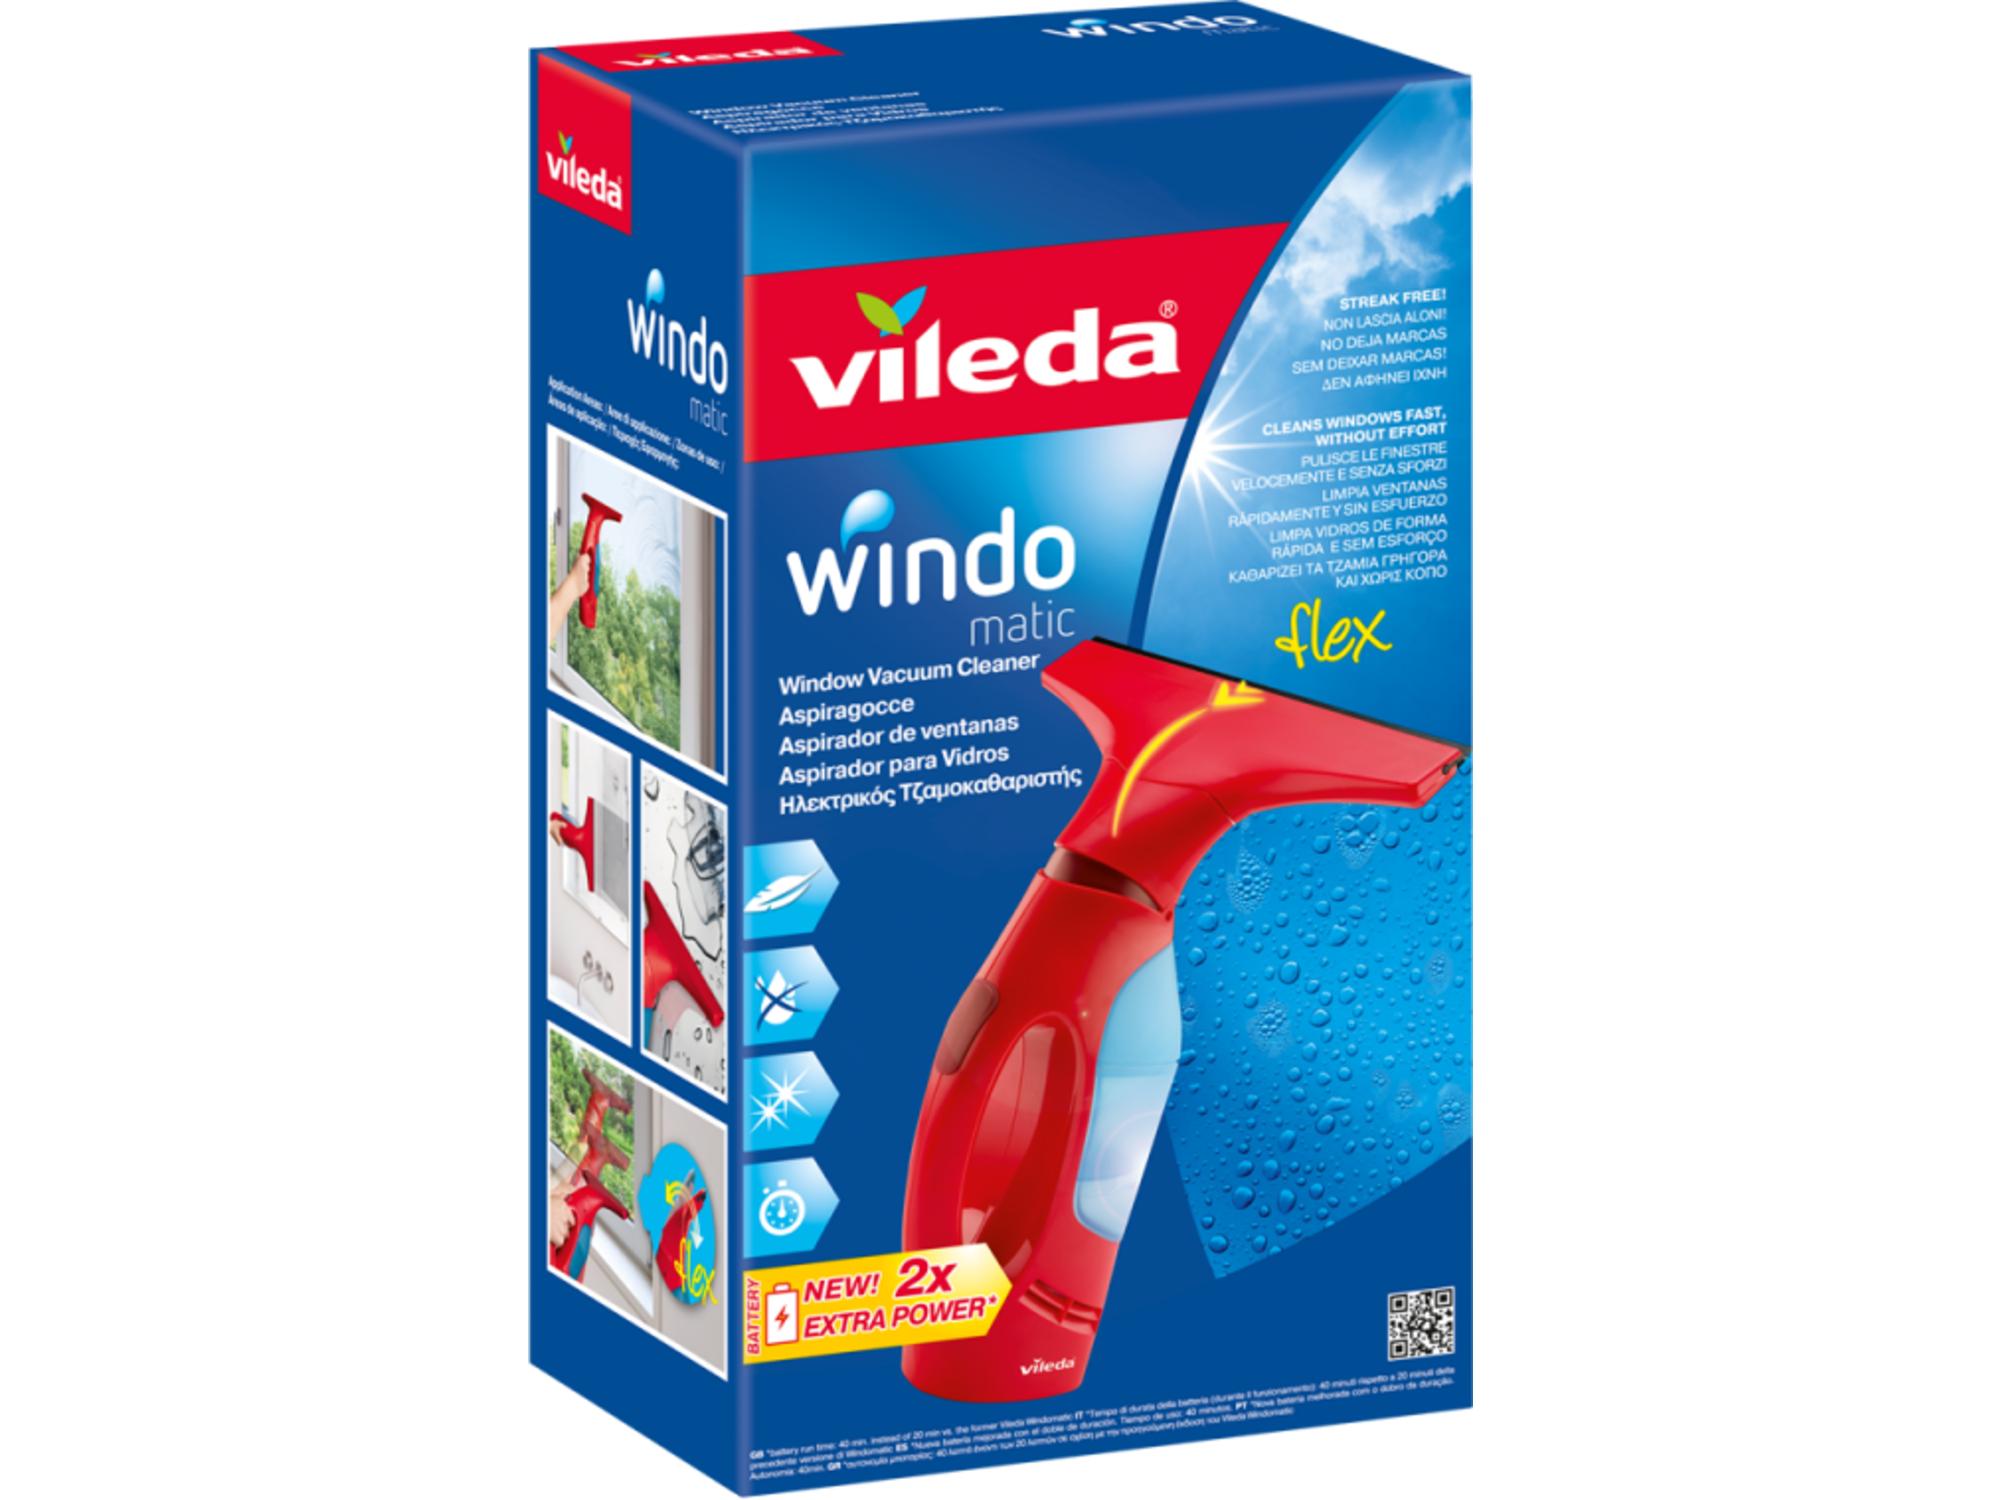 Vileda Windomatic 6700606